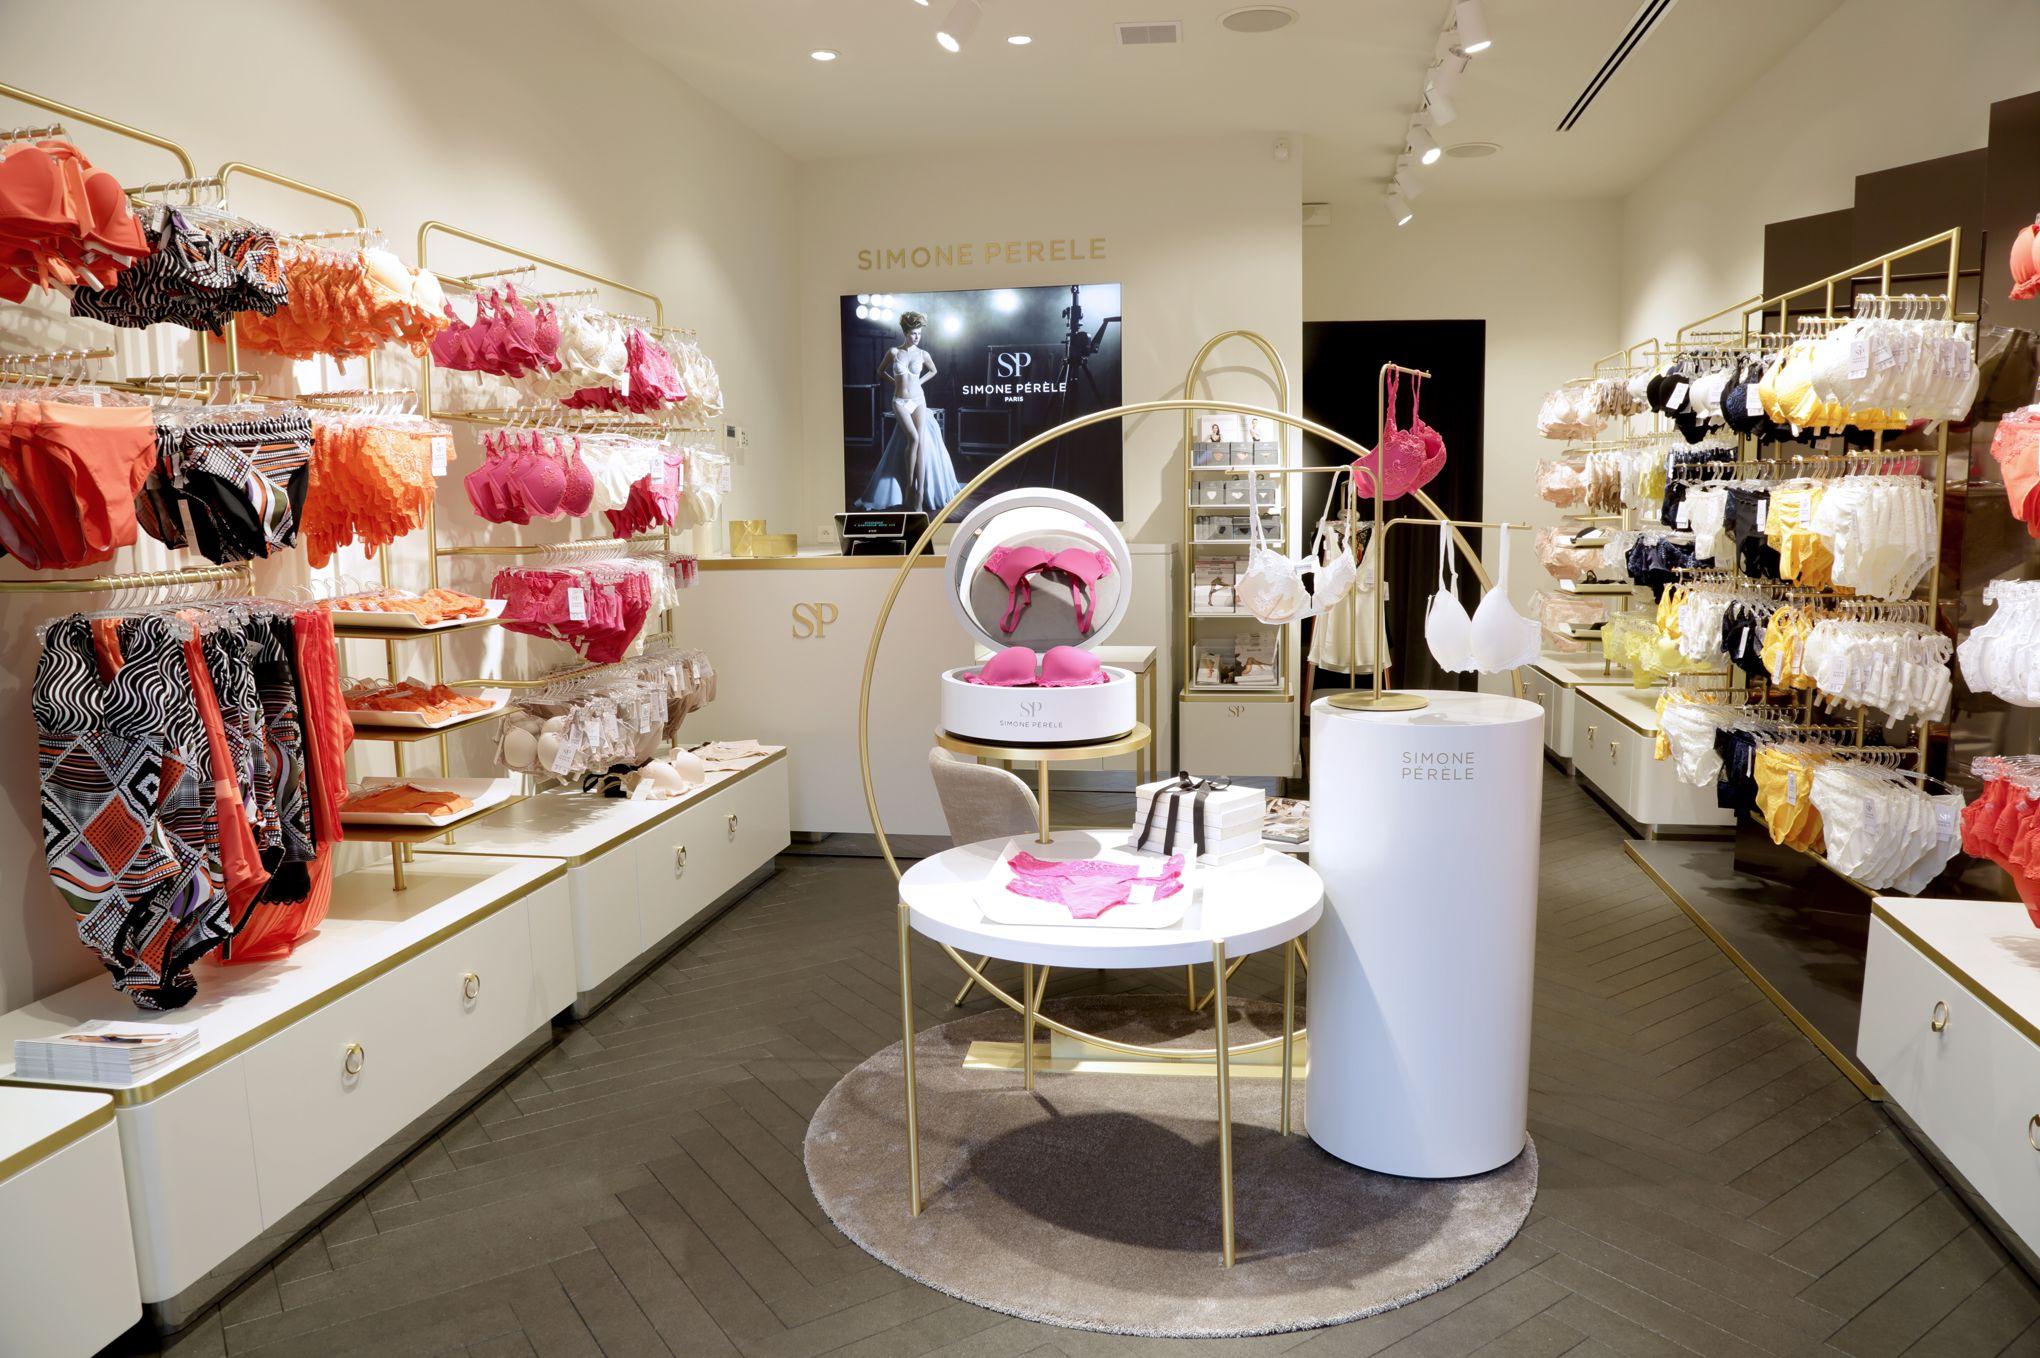 Simone p r le d voile ses premiers magasins - Simone paris boutique ...